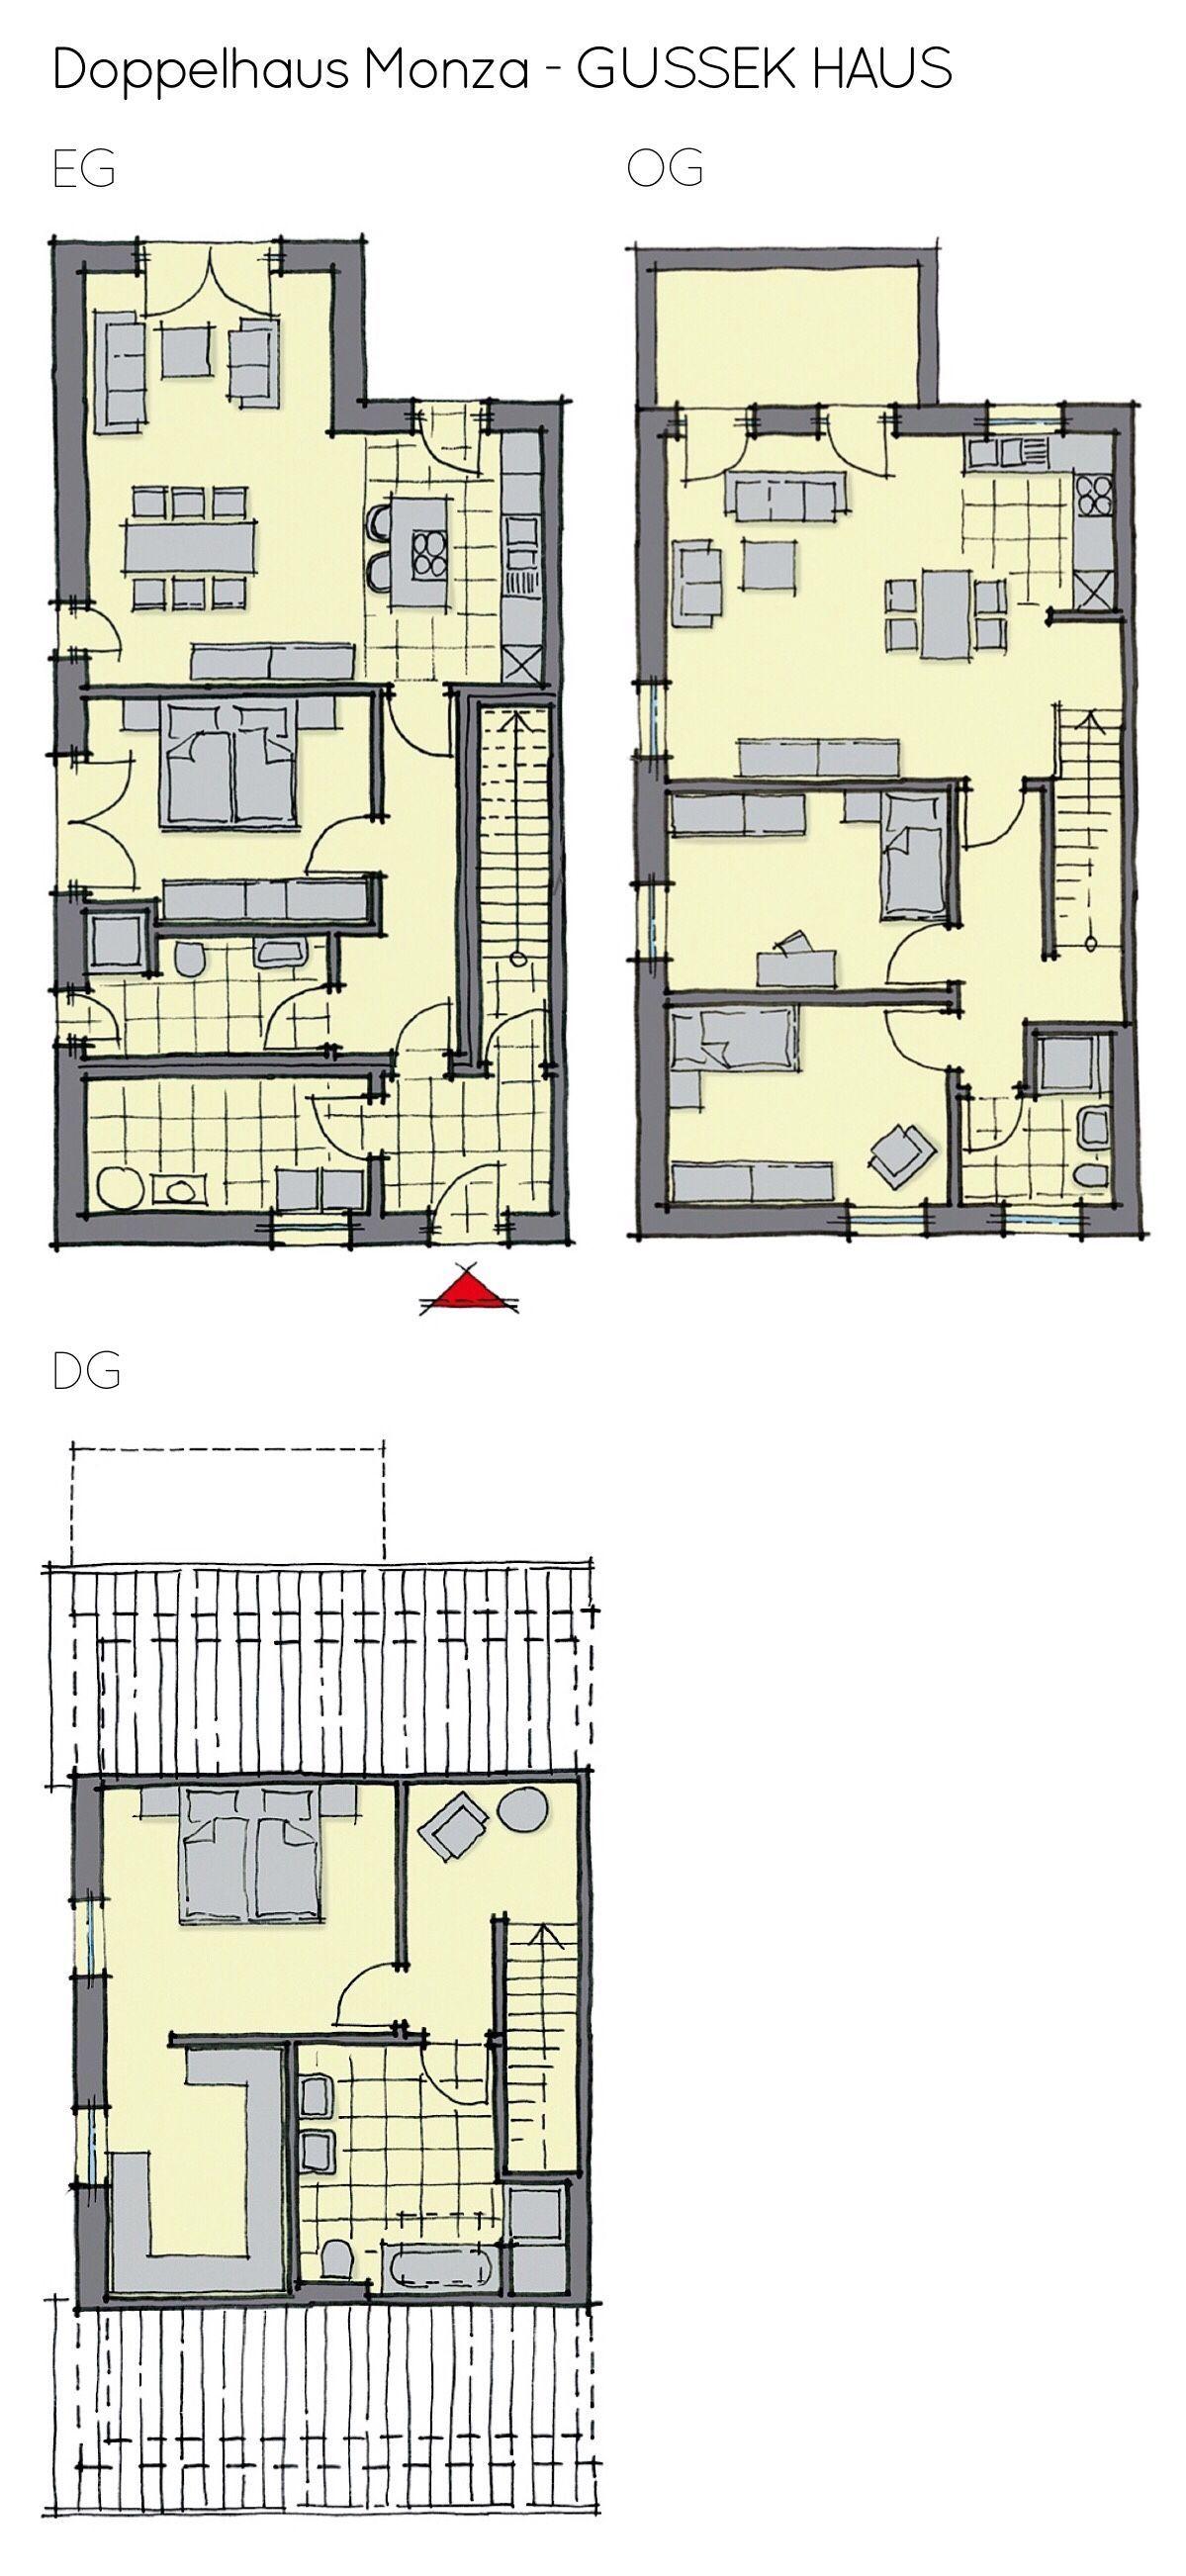 Doppelhaus Grundriss groß mit Einliegerwohnung & gerade